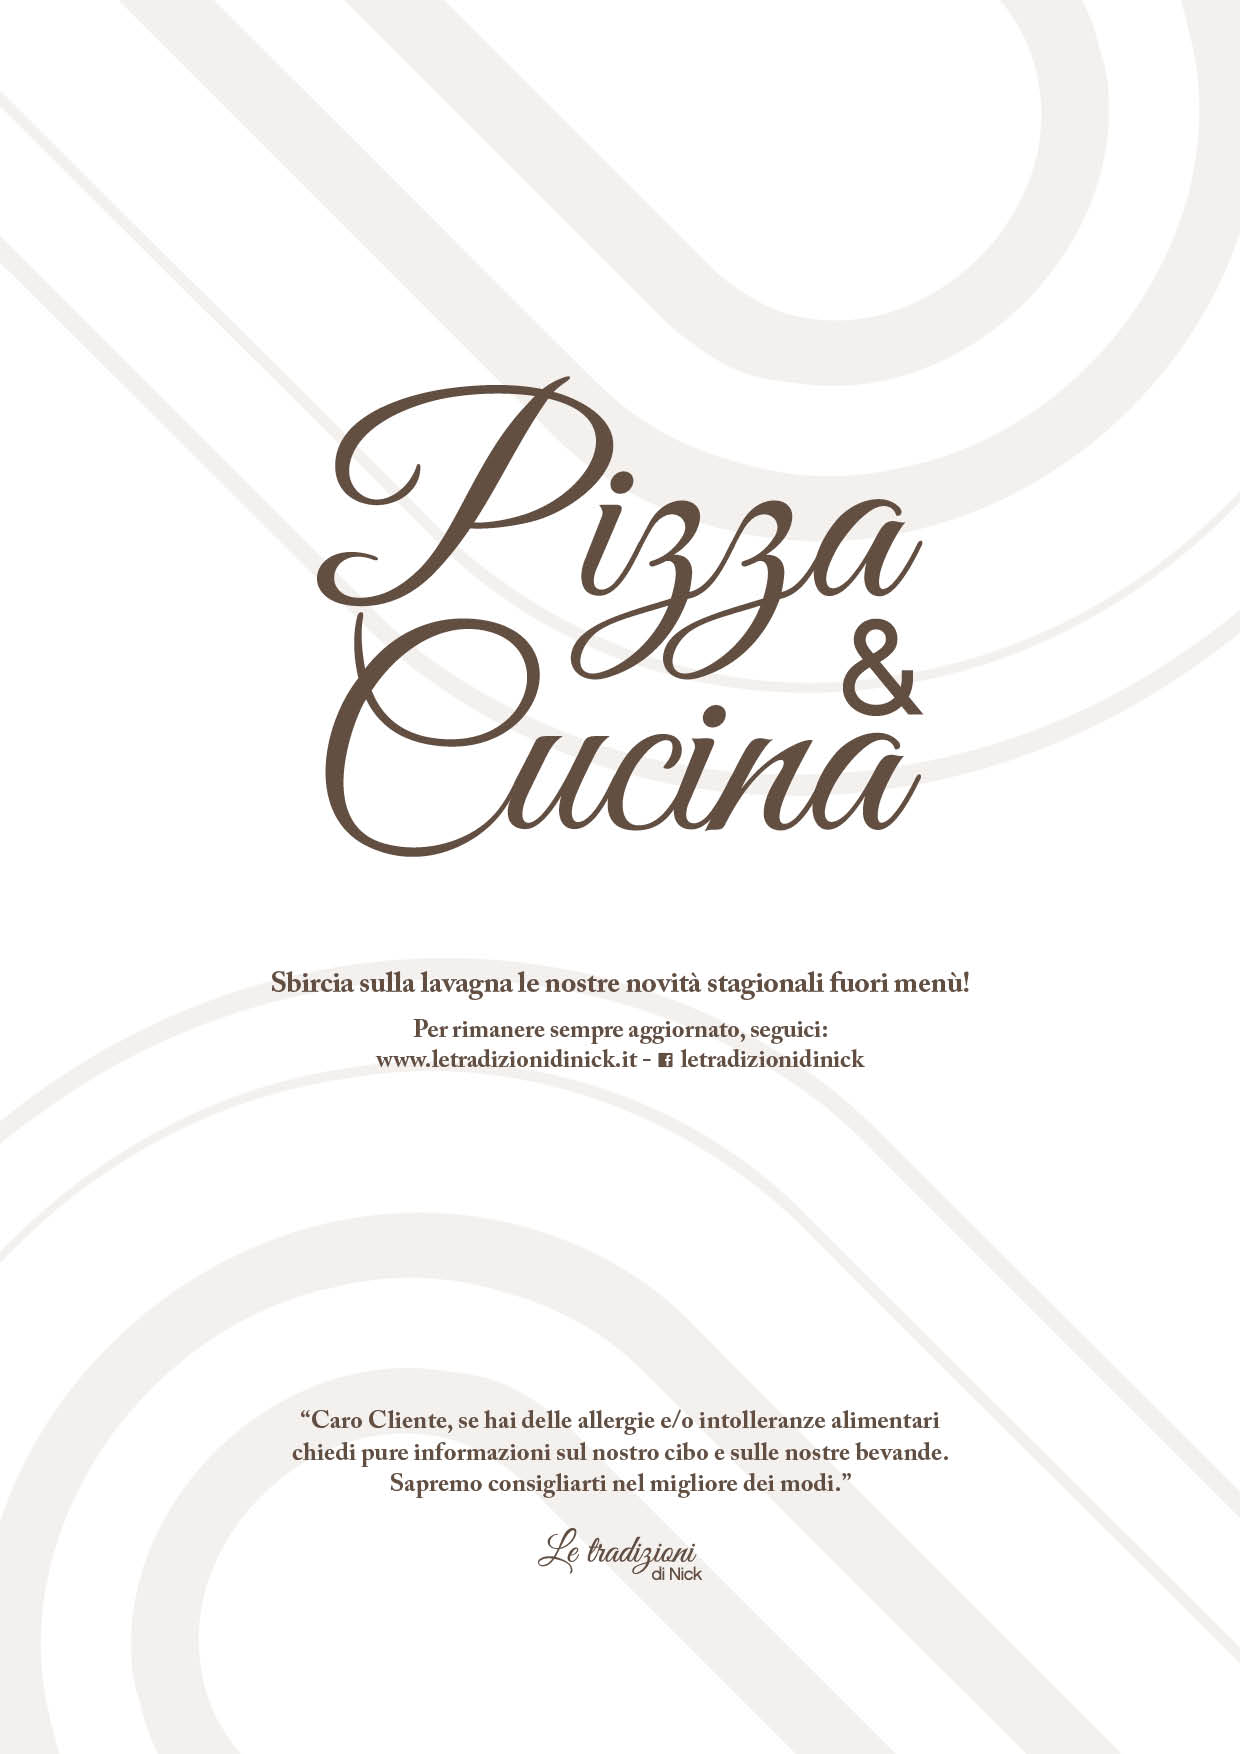 letradizioni-nick-menu-2017-low2